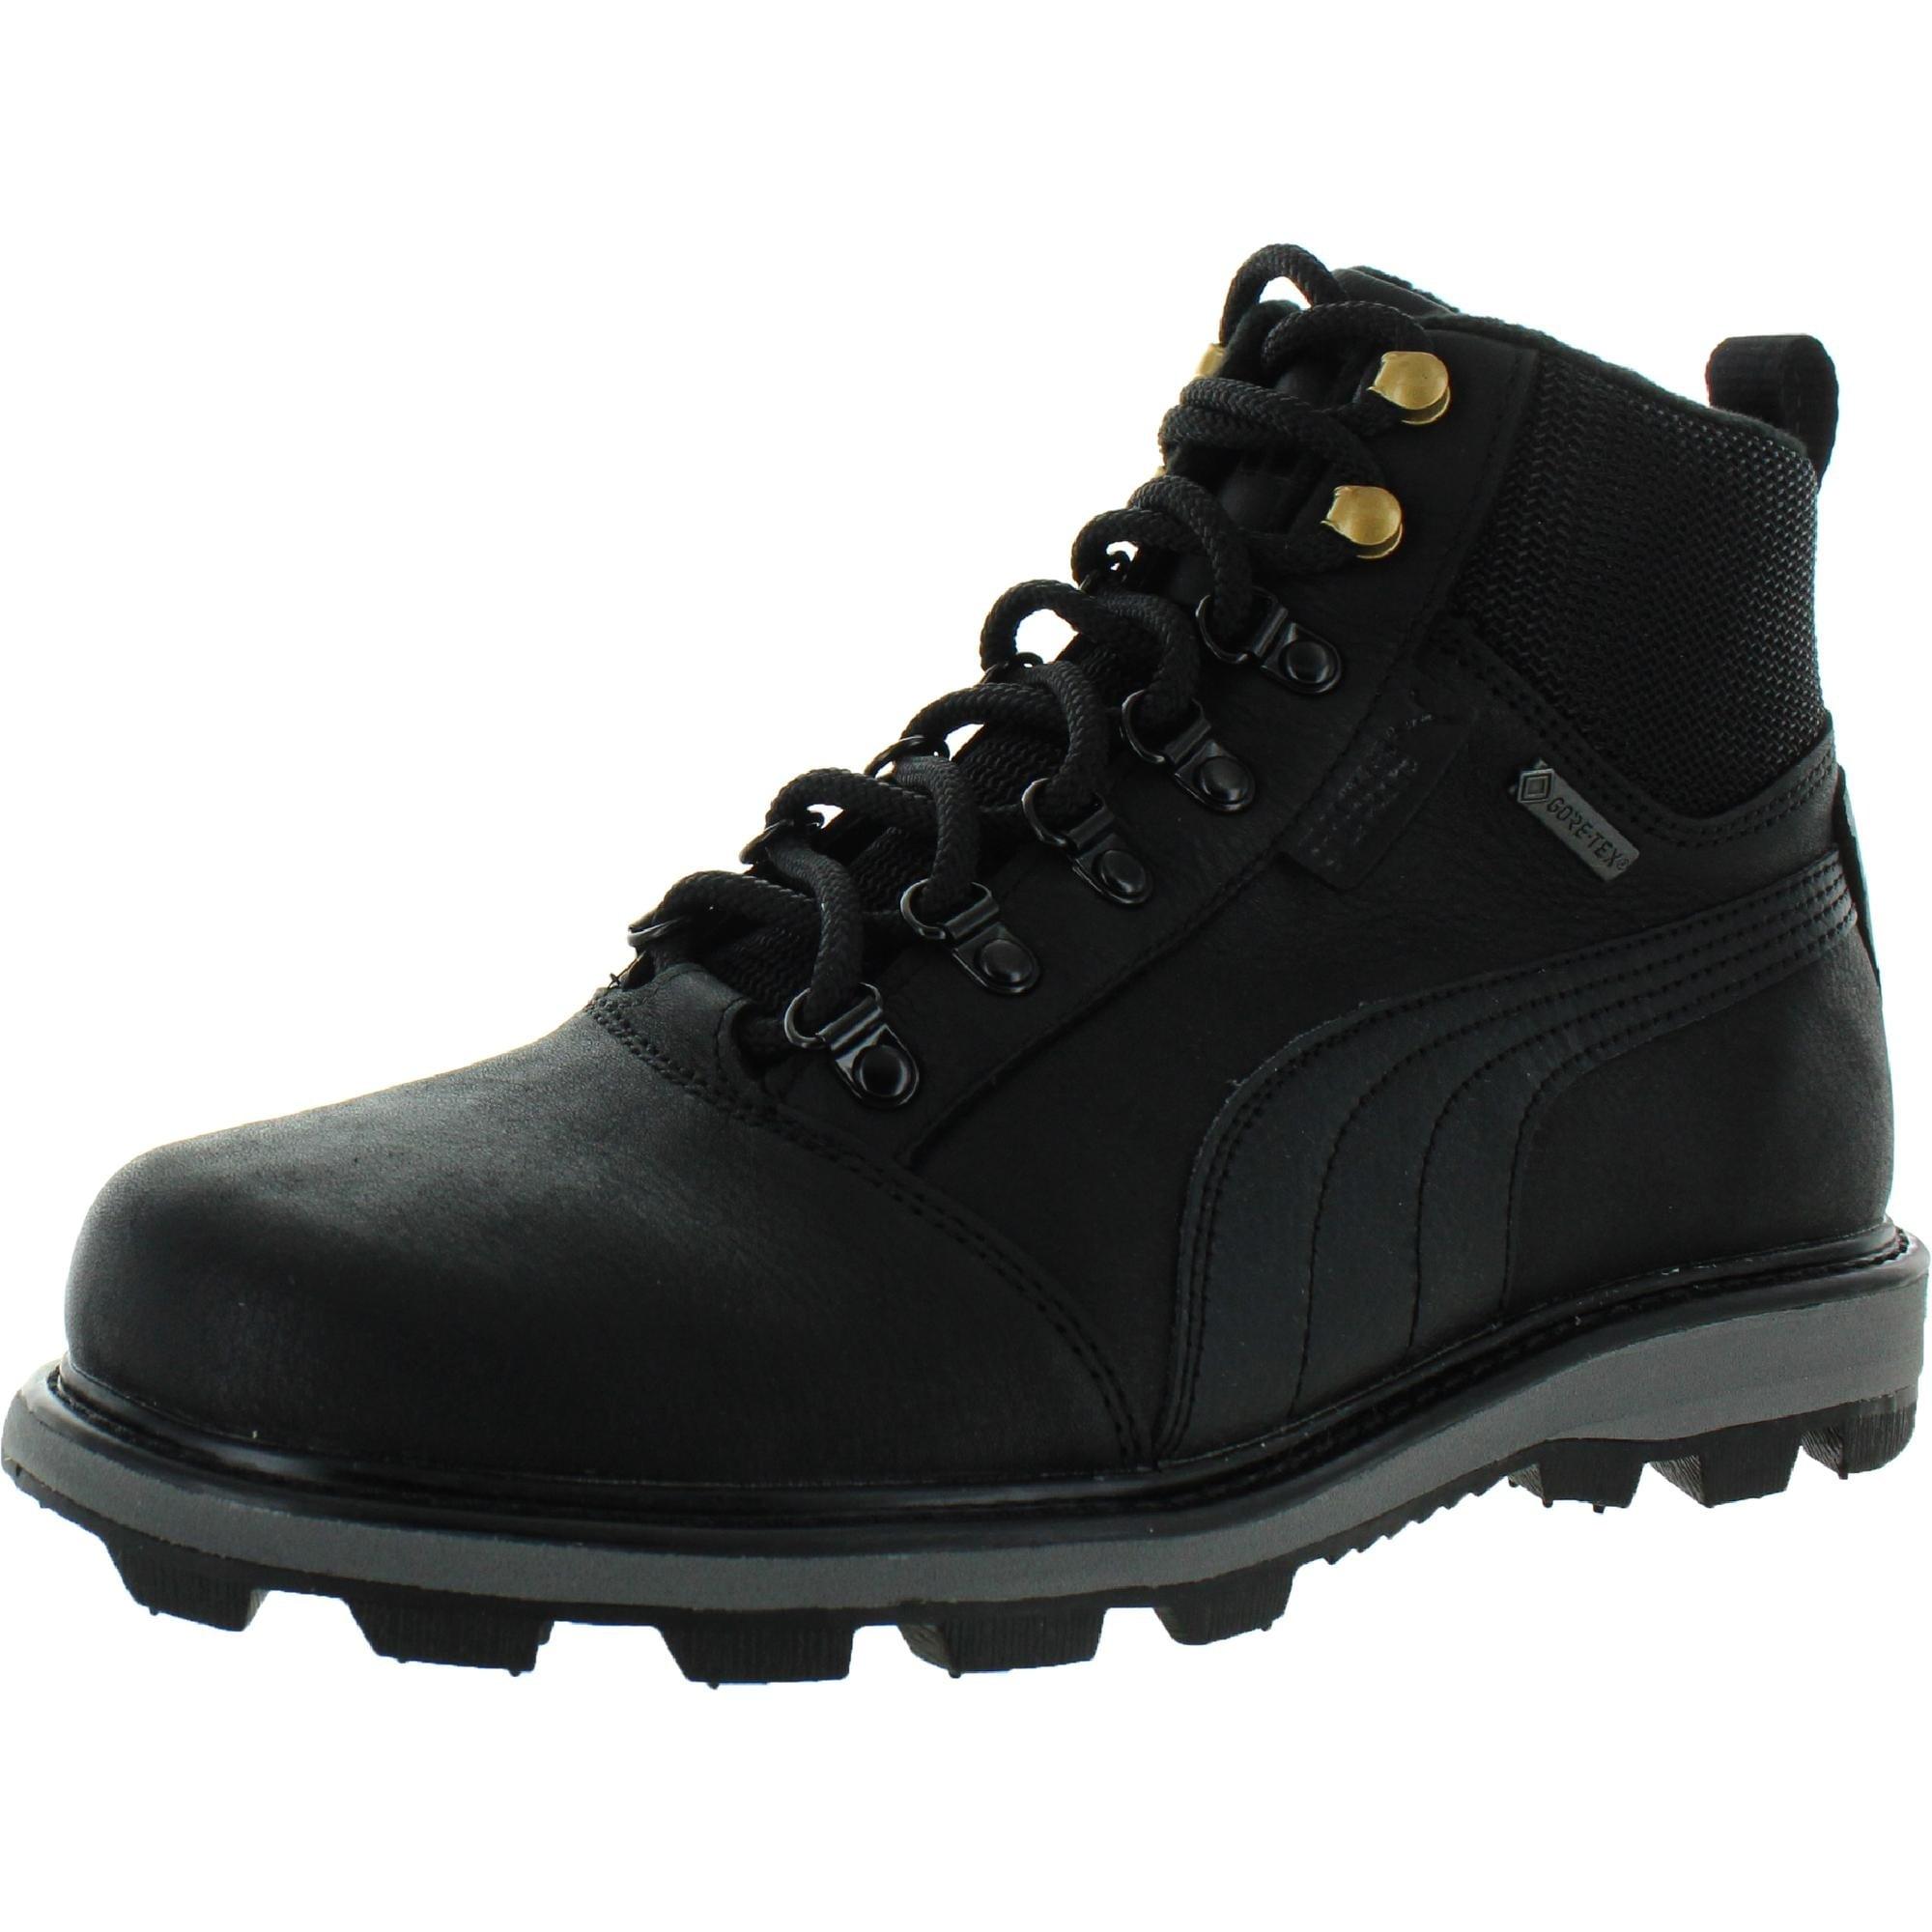 Puma Mens Tatau Fur Boots GTX Fashion